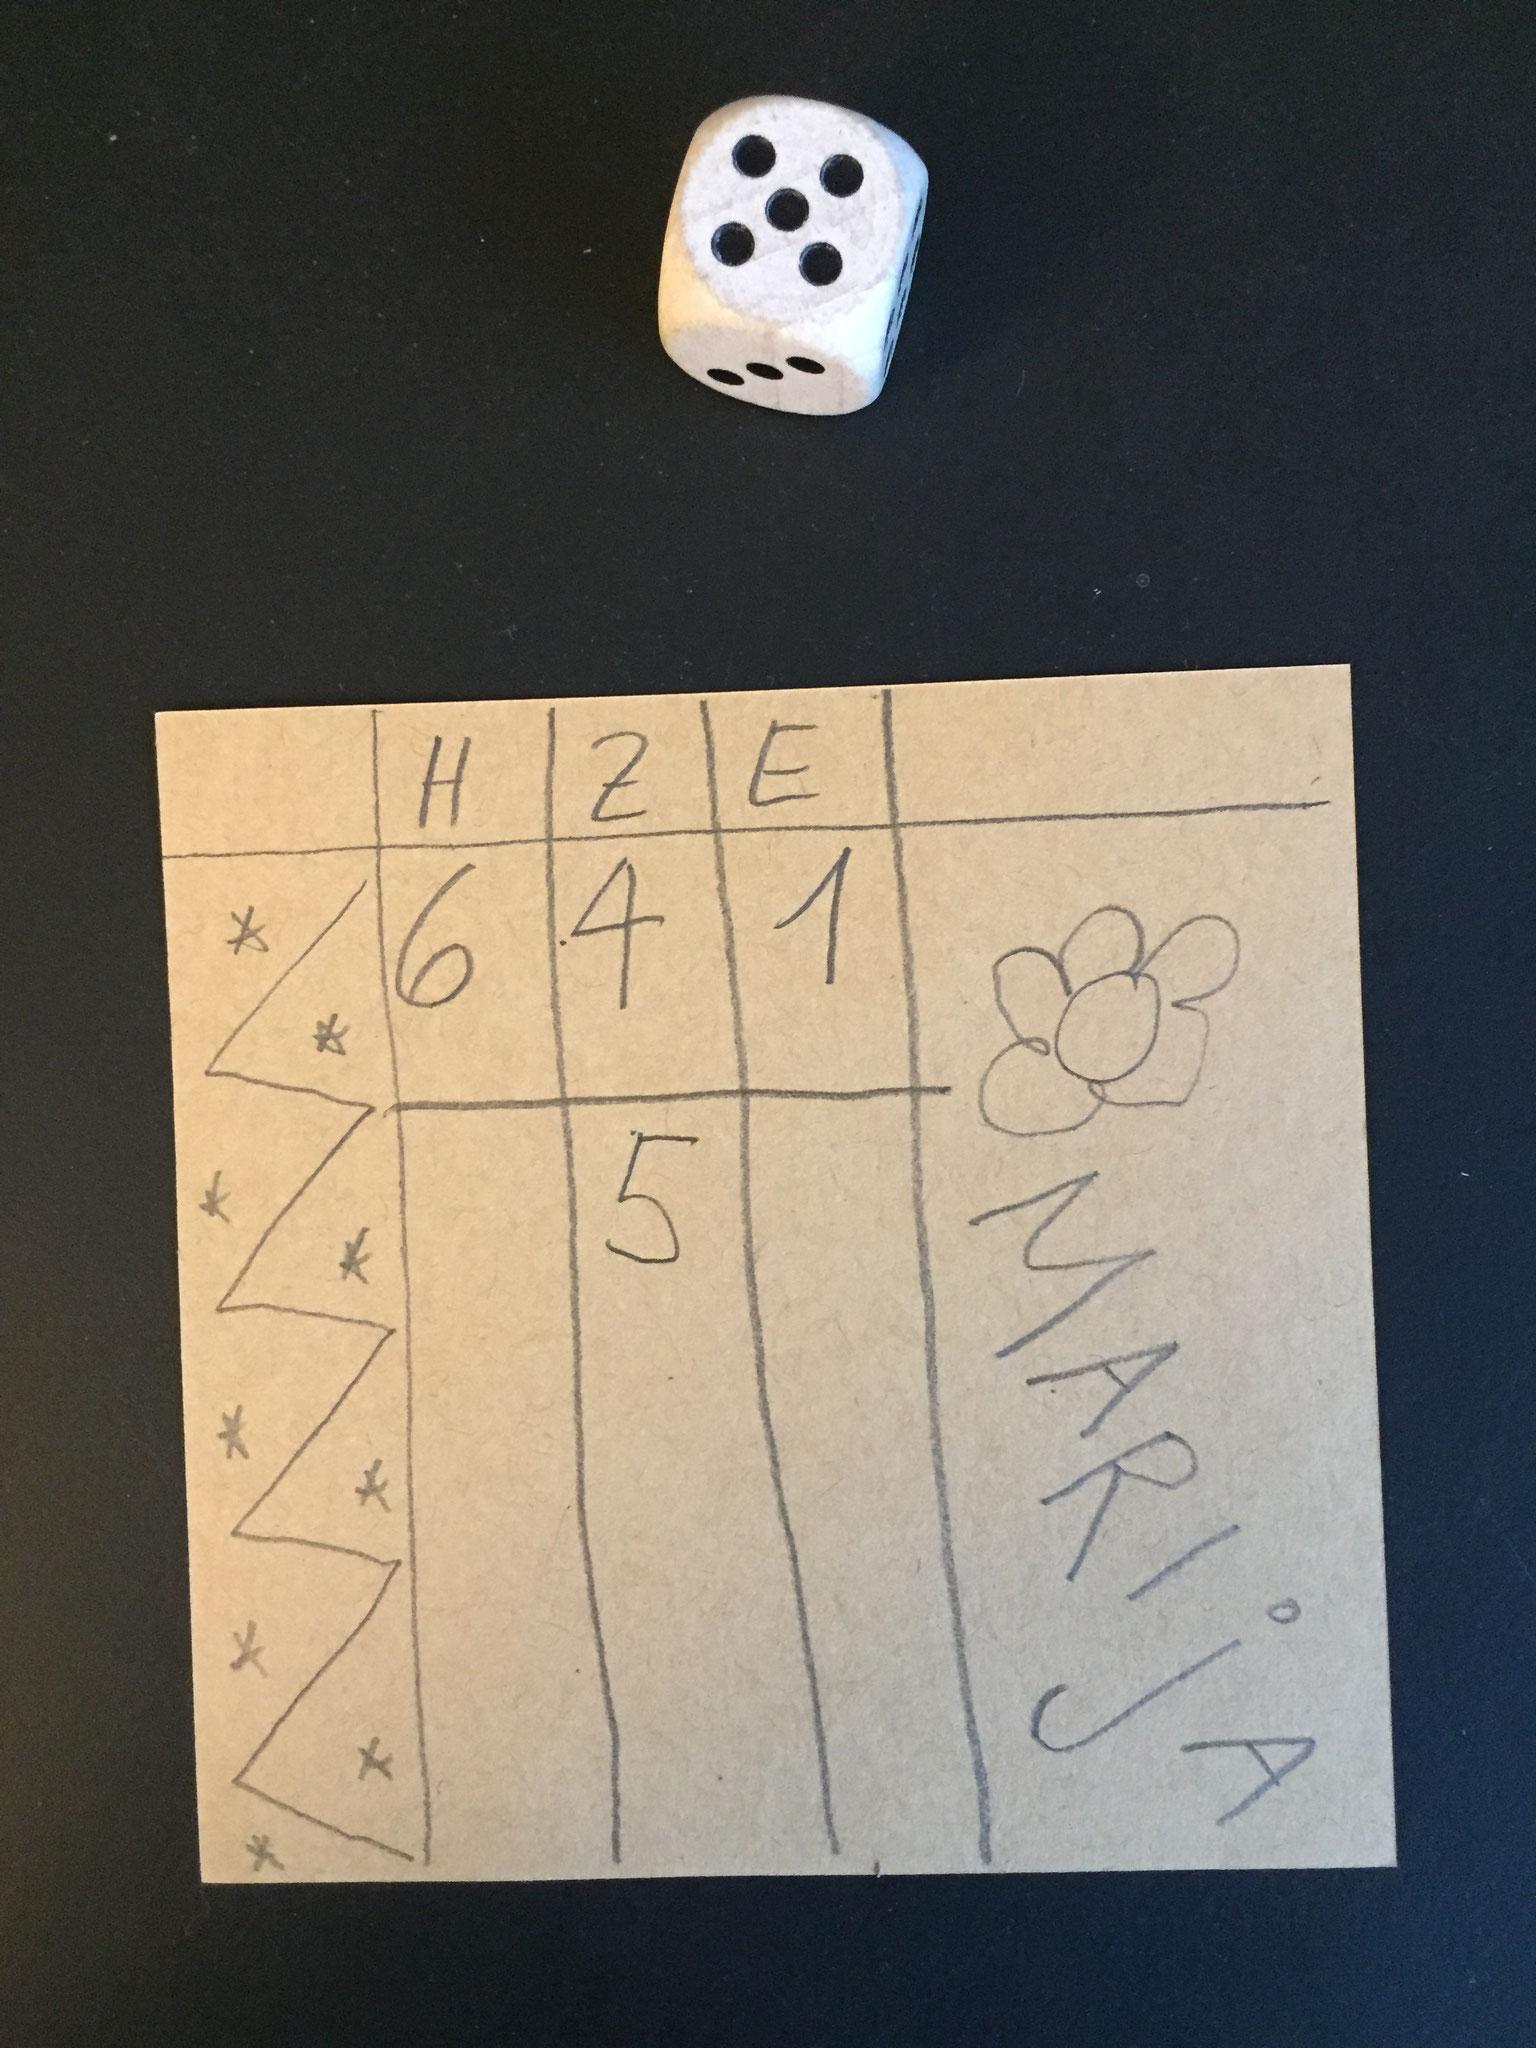 Du weisst nicht, ob du in dieser Runde noch eine 6 hast.  Eine 5 ist auch schon recht gut.